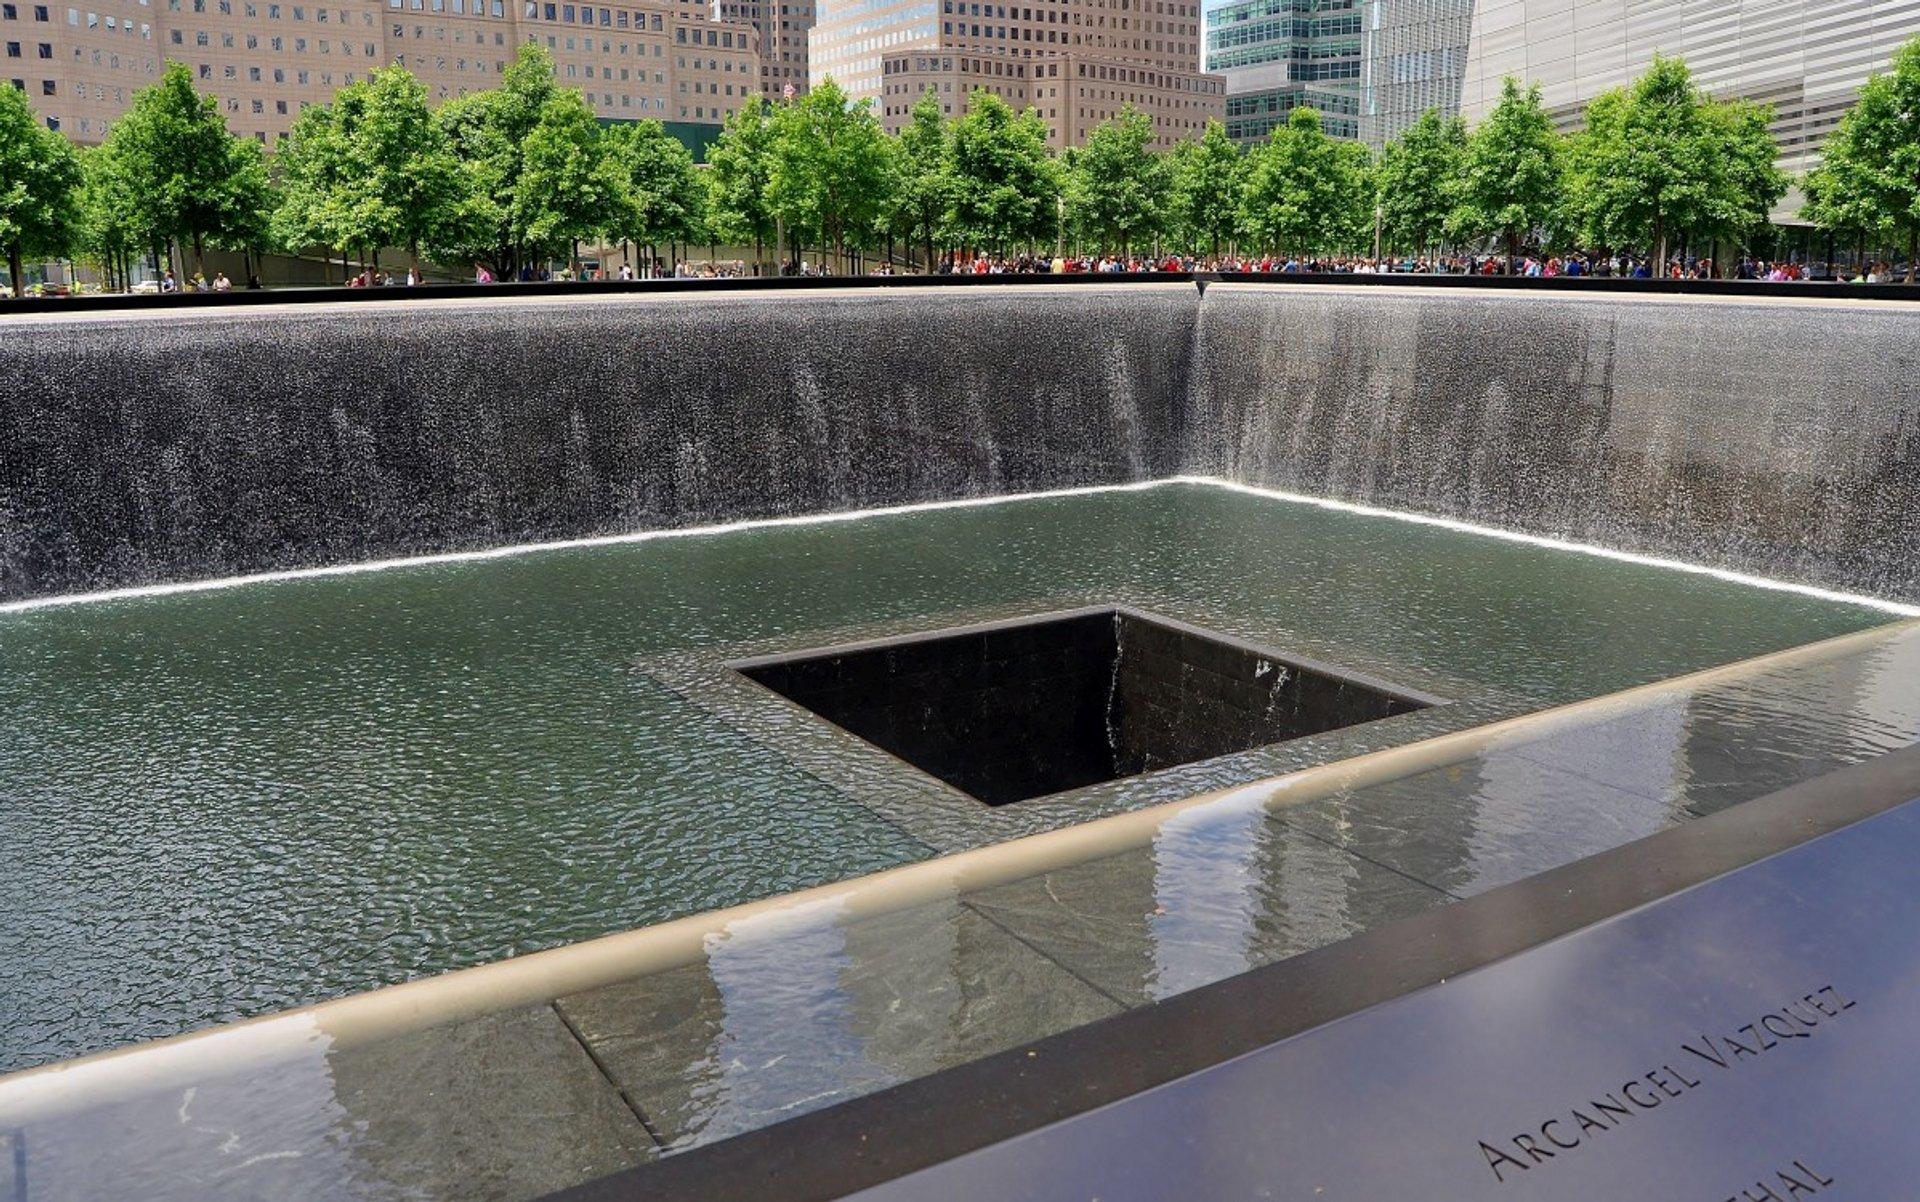 9/11 Memorial & Museum in New York - Best Season 2020